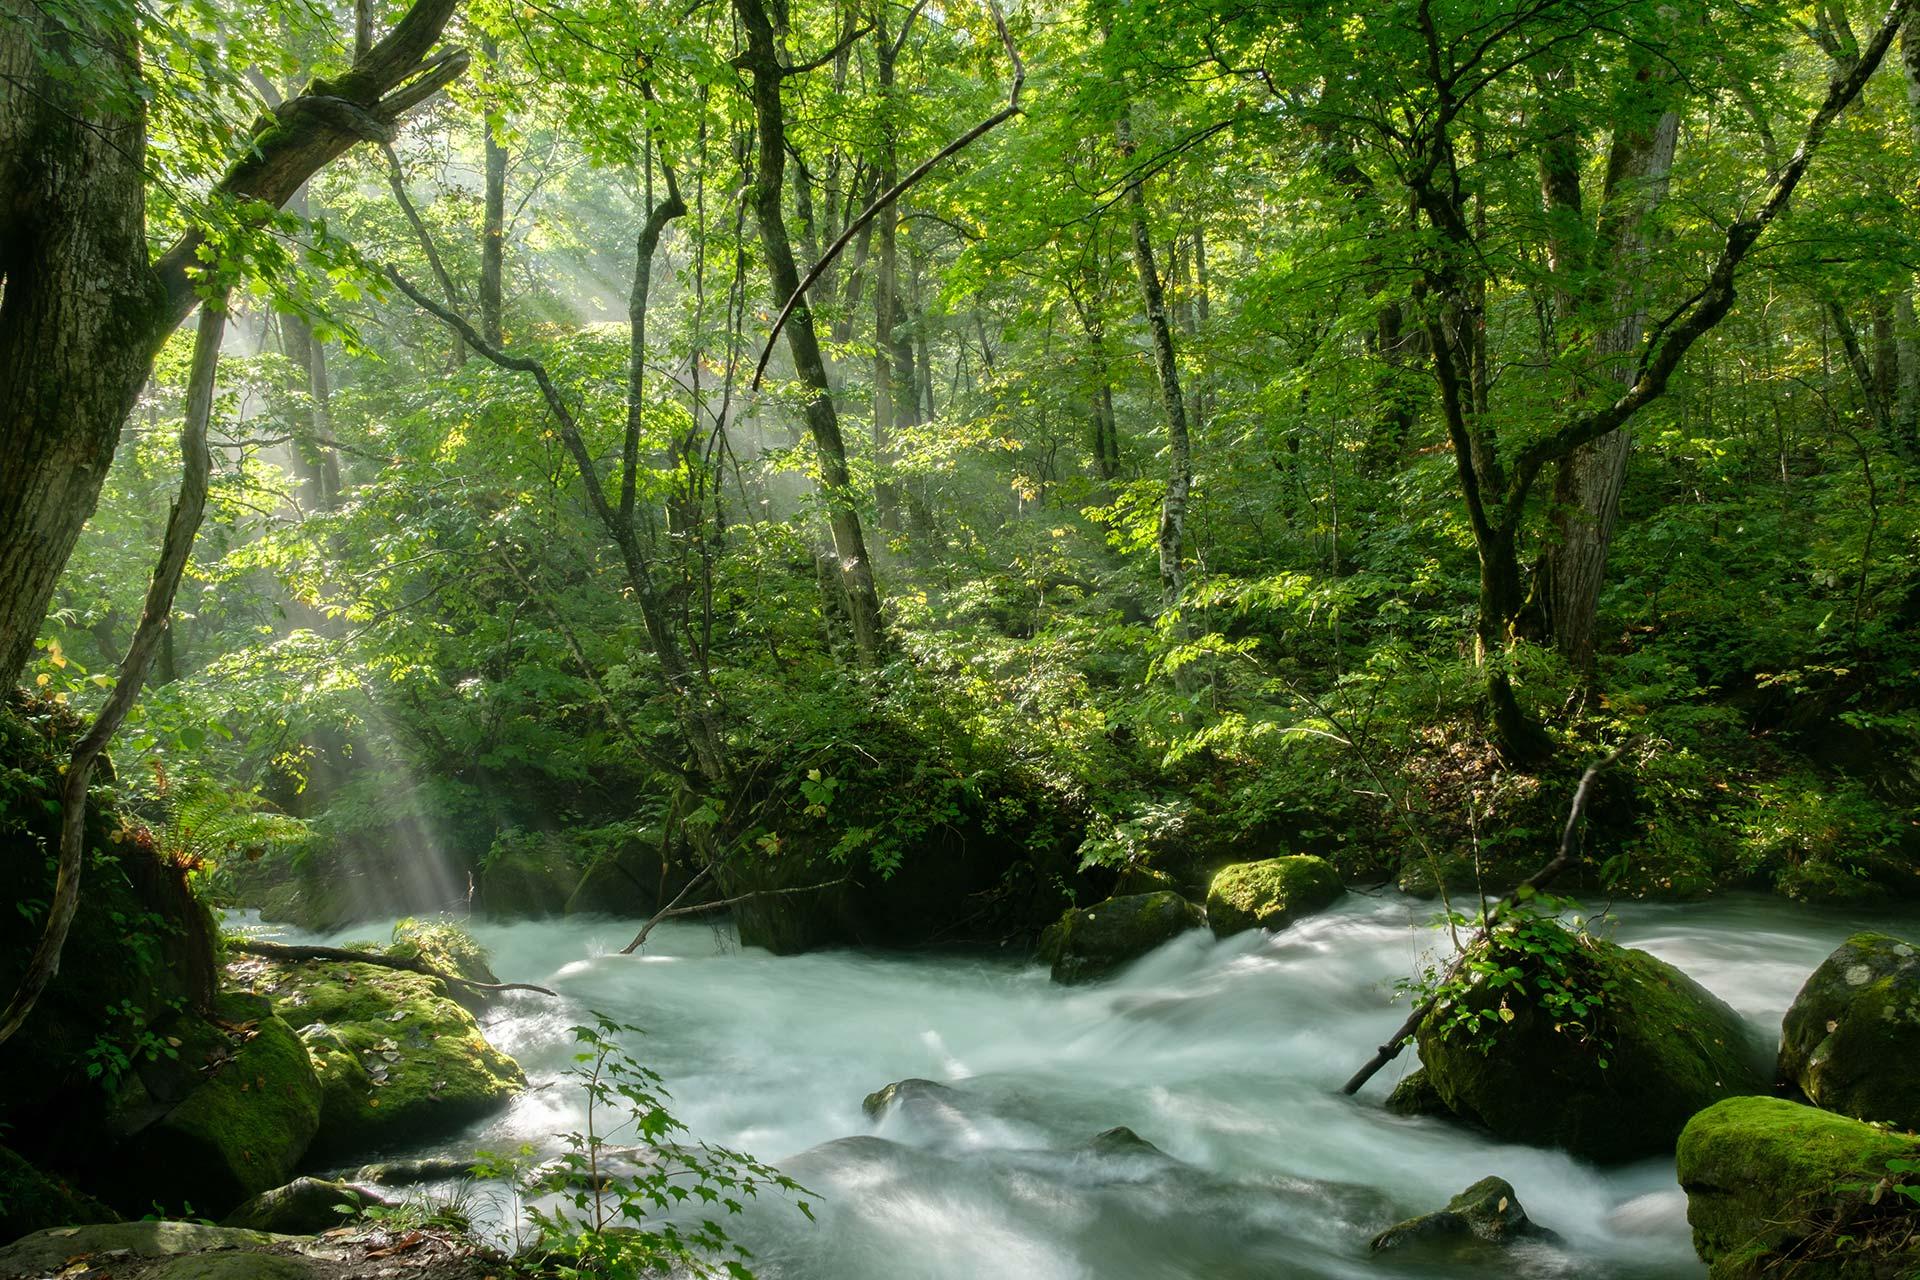 Umweltschutz - mystisch anmutender Wald in einem Naturschutzgebiet